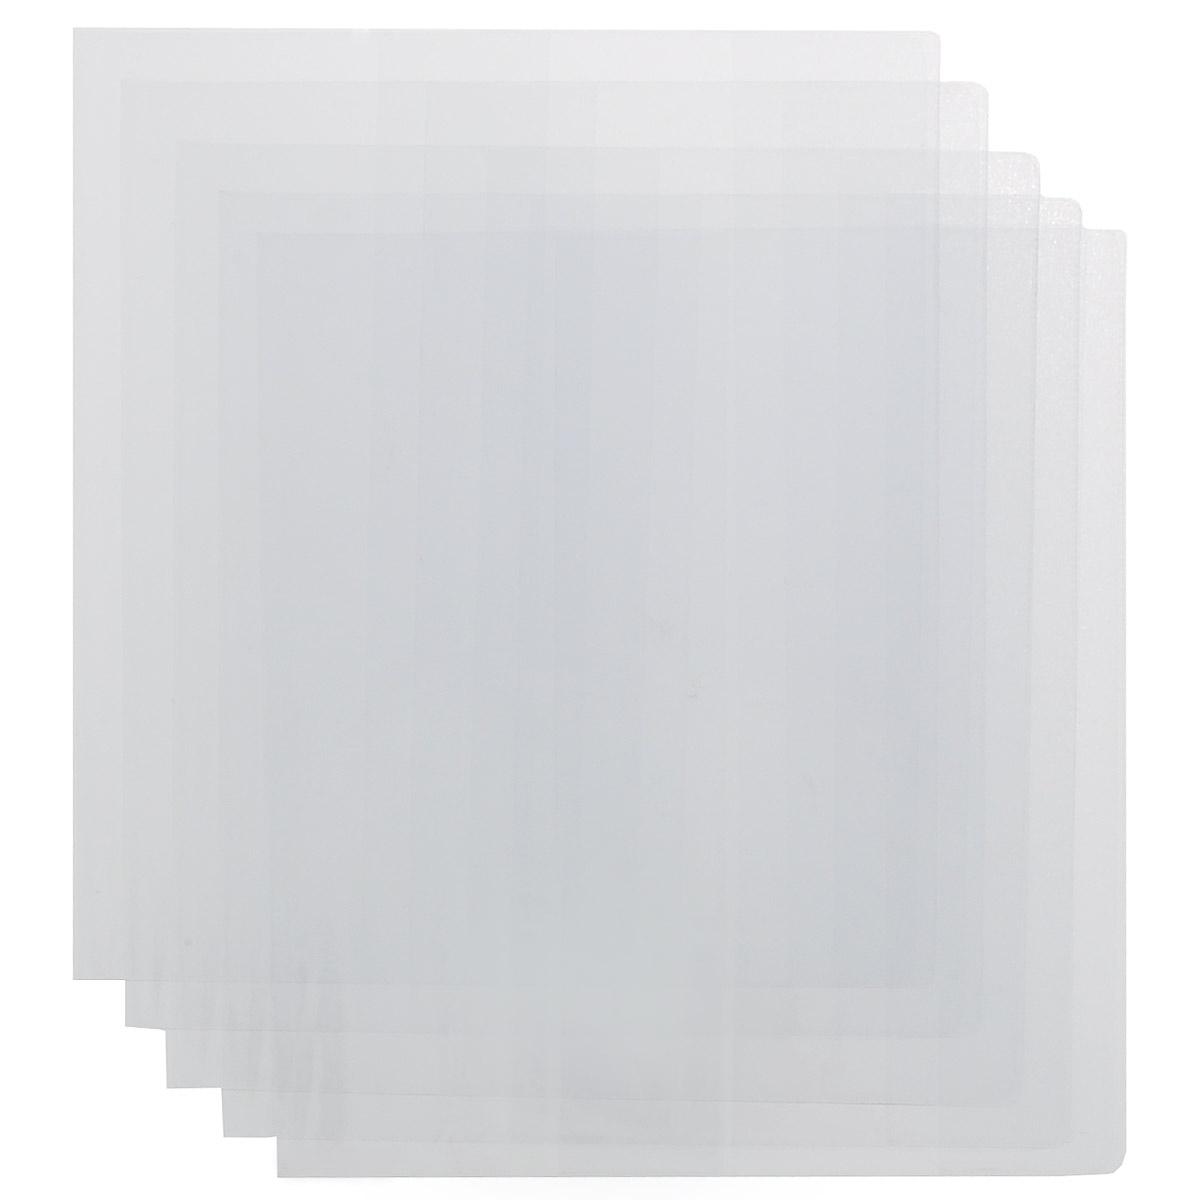 Набор обложек для учебников Брупак, цвет: прозрачный, 26,7 см х 50,8 см, 5 шт0302-0076-00Набор цветных обложек для учебников Брупак предназначены для защиты от пыли, грязи и механических повреждений. Обложки с прозрачными клапанами.